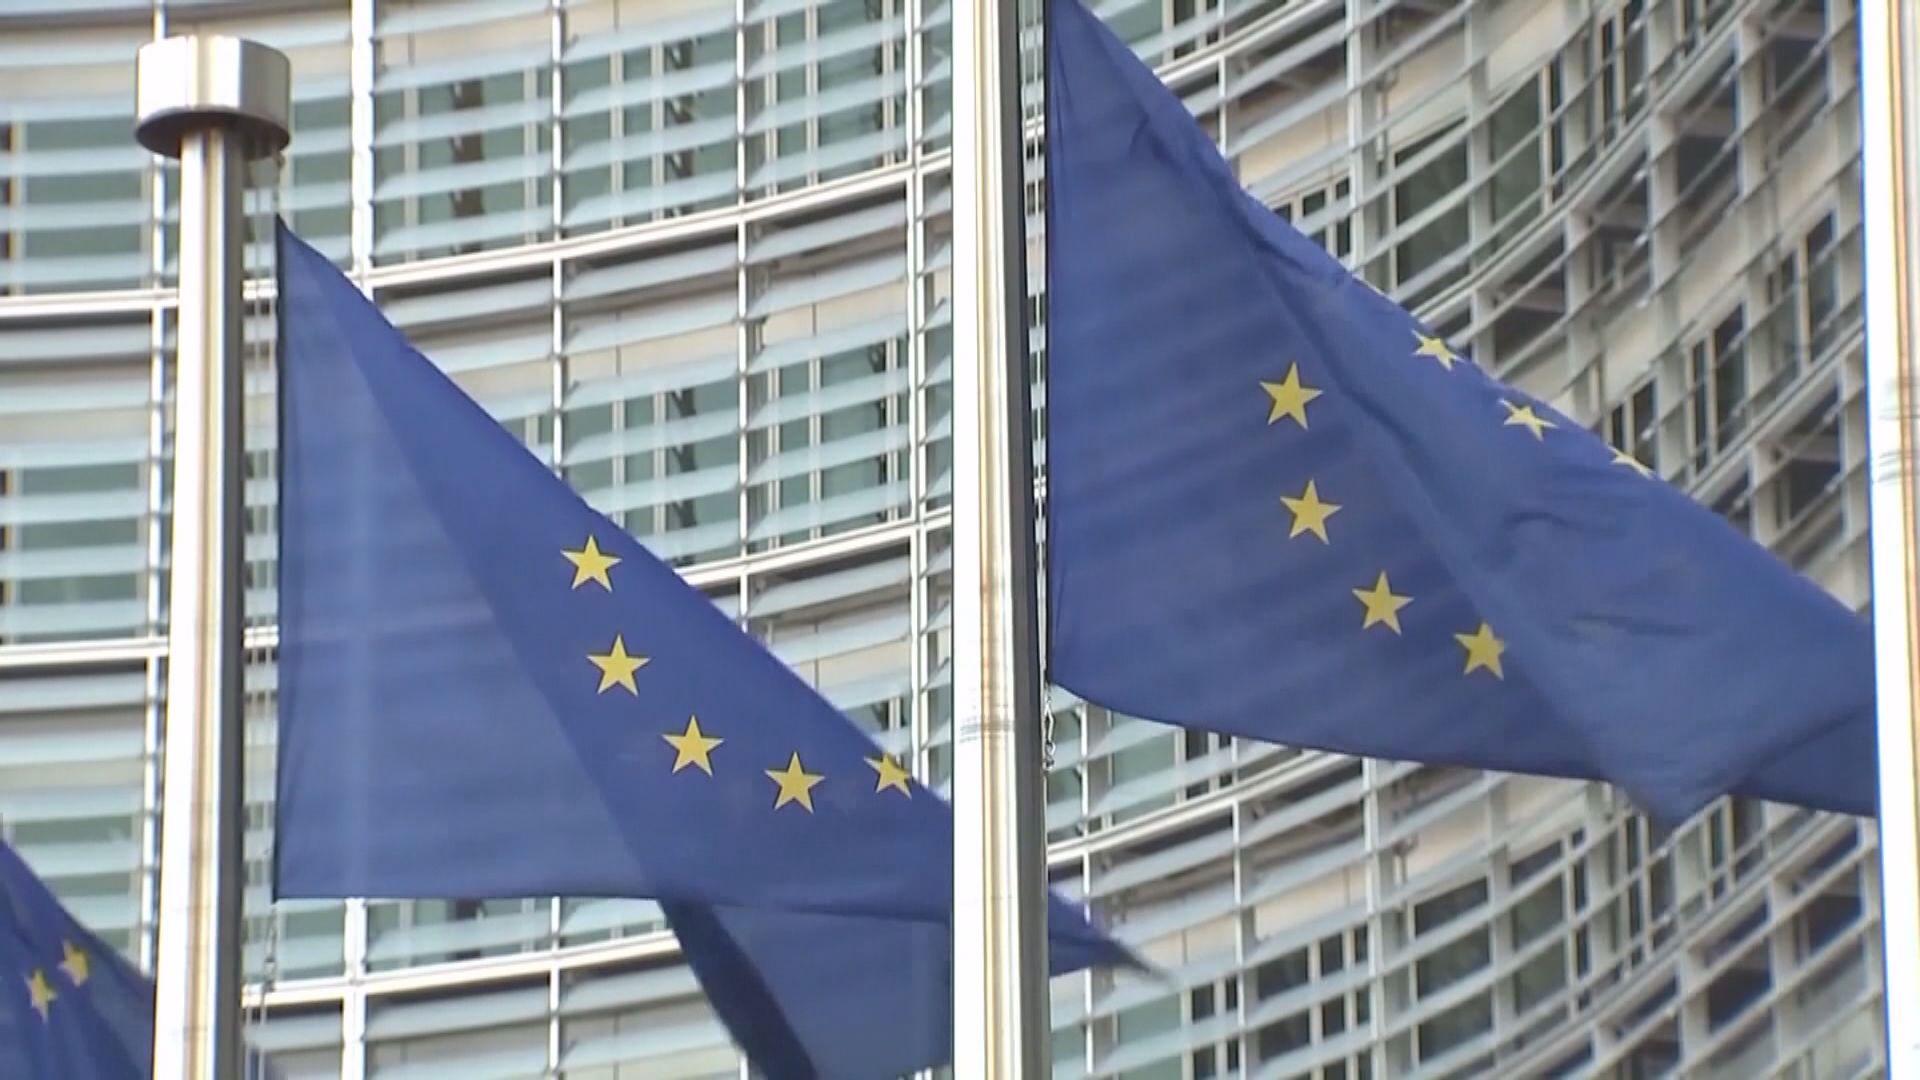 歐盟計劃反擊美國關稅措施 報復美國補貼波音